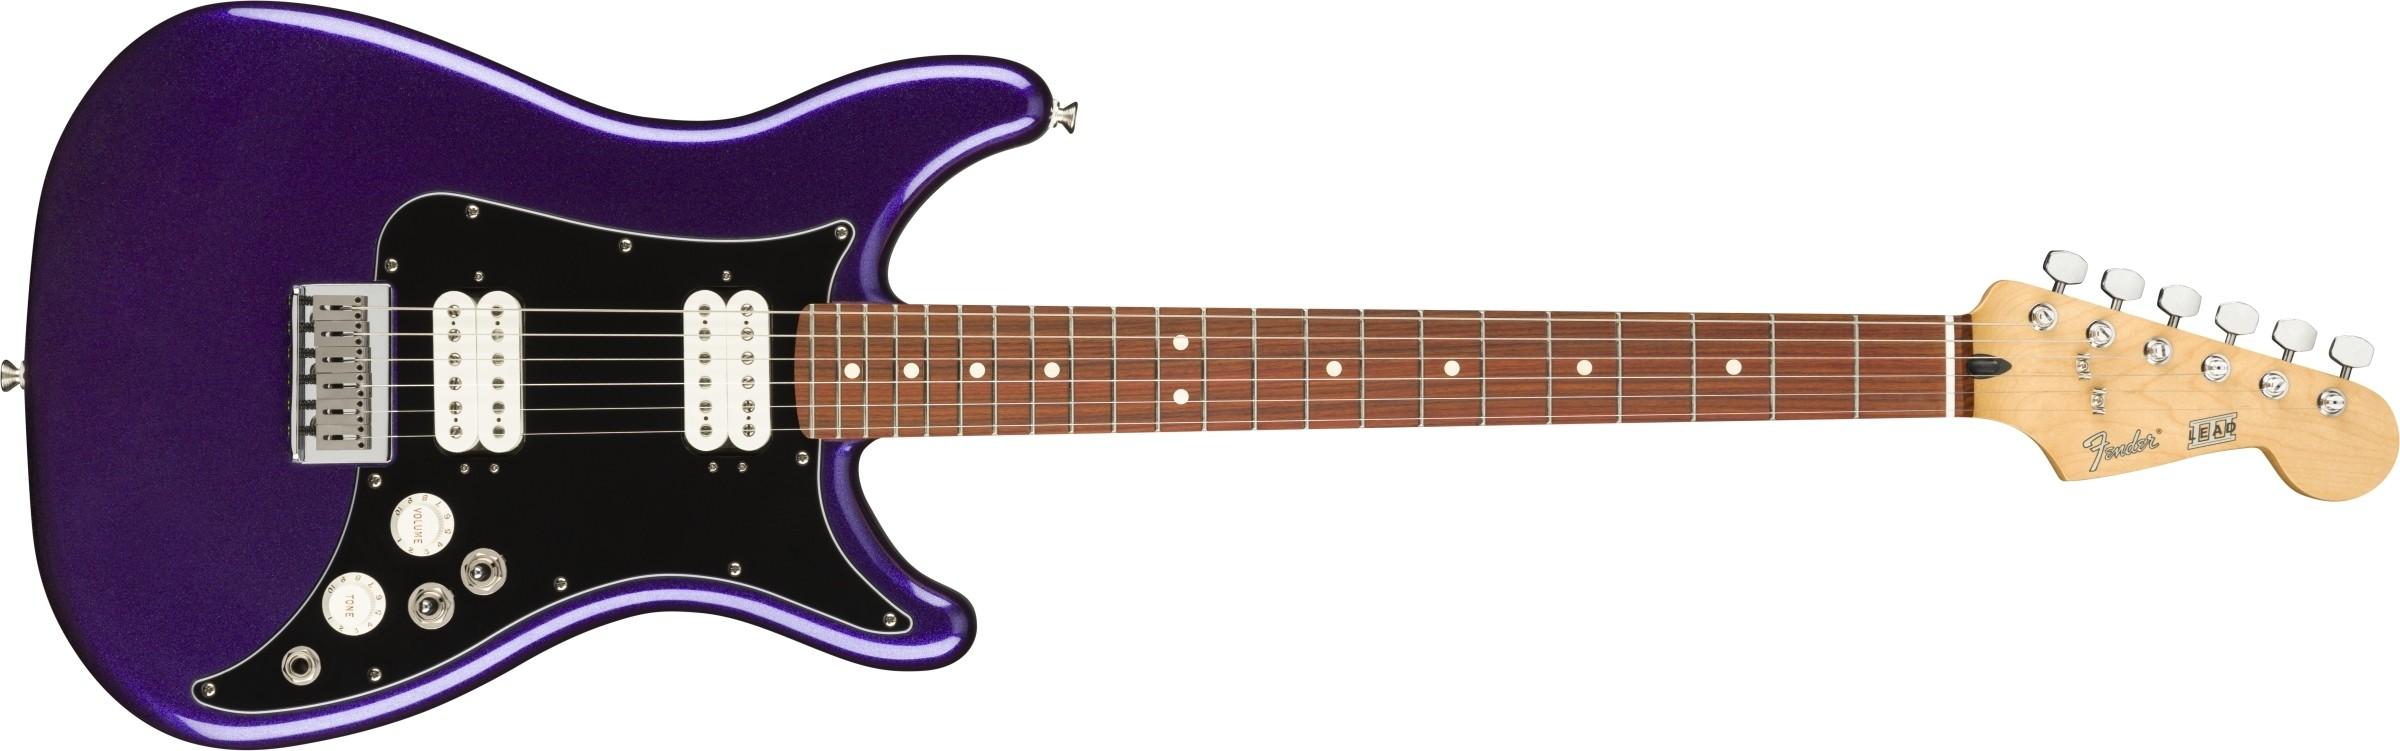 Fender Player Lead III - Pau Ferro Fingerboard - Metallic Purple